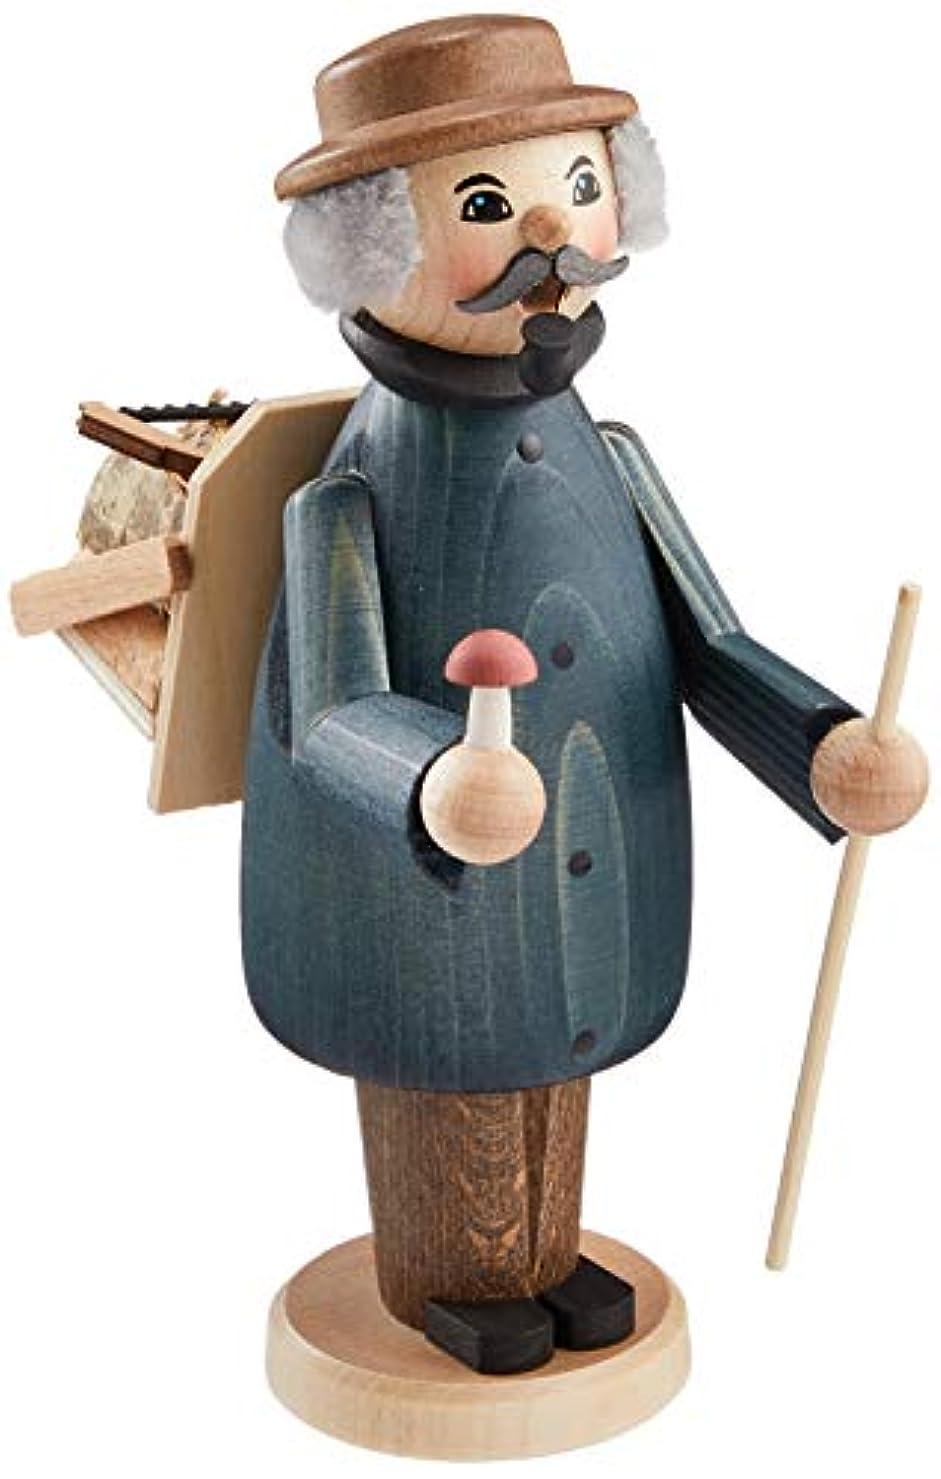 合唱団もっともらしい光沢kuhnert ミニパイプ人形香炉 薪拾い